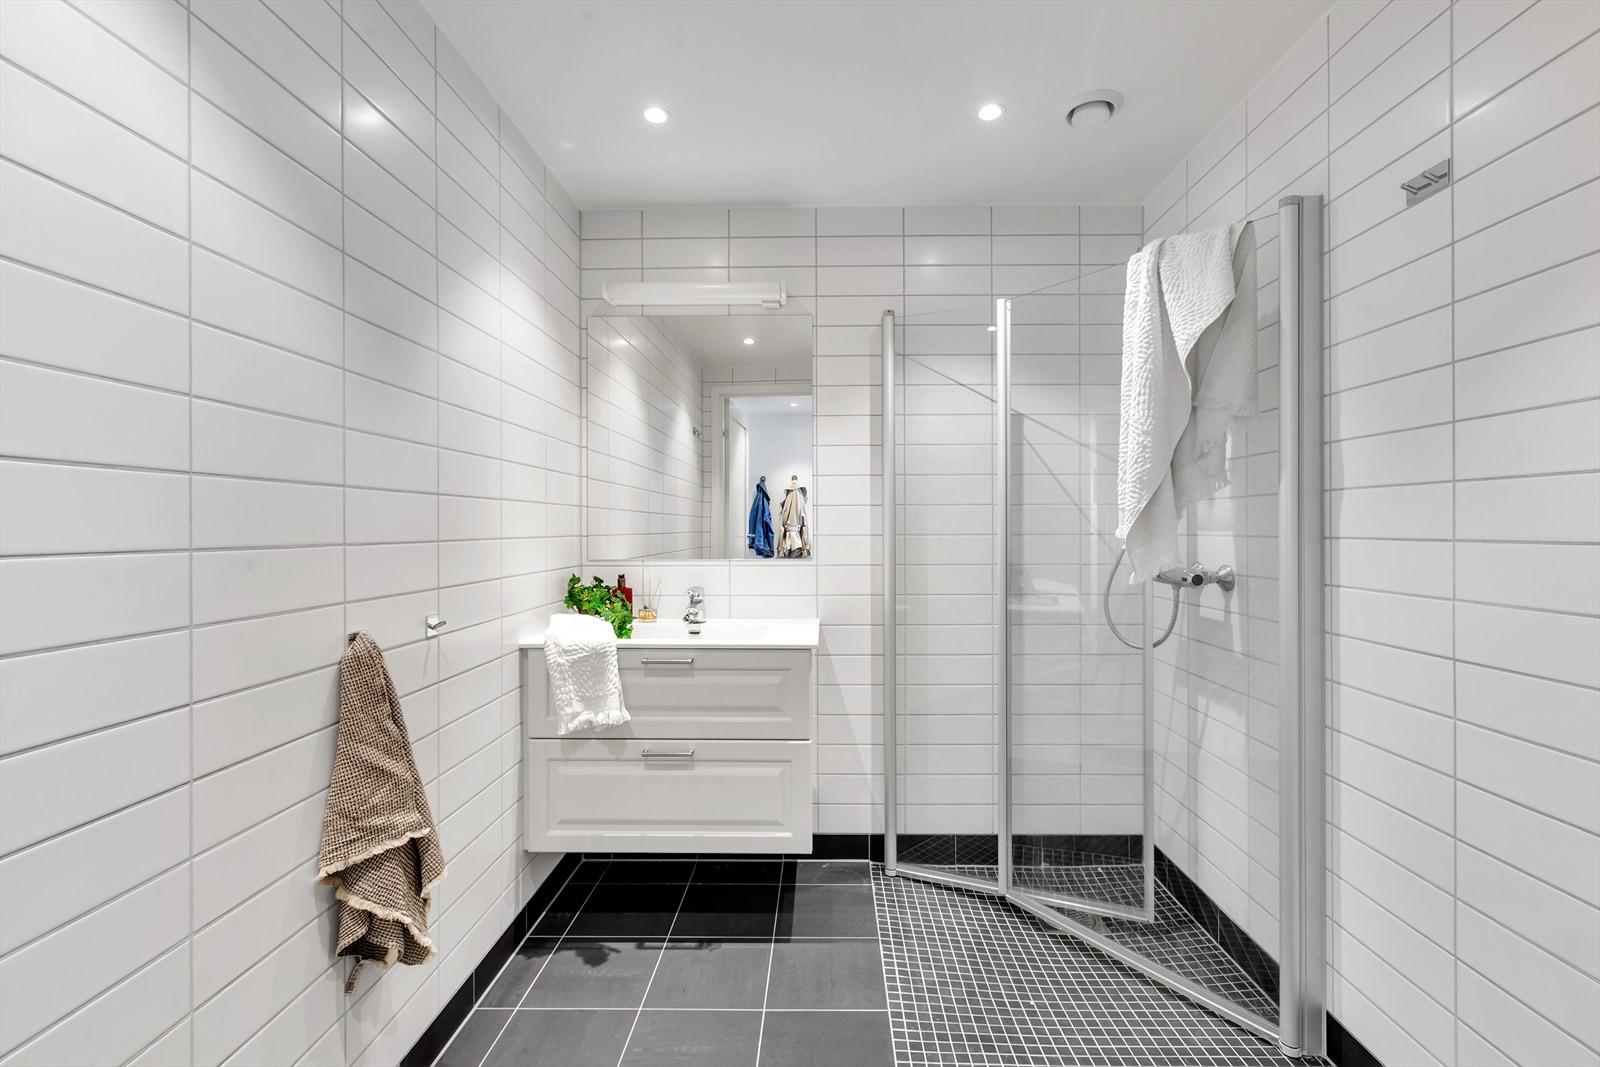 Komplett flislagt bad. Mosaikkfliser i dusjsone. Innslagbare dusjdøærer i herdet glass. Downlights i taket. Vegghengt toalett.